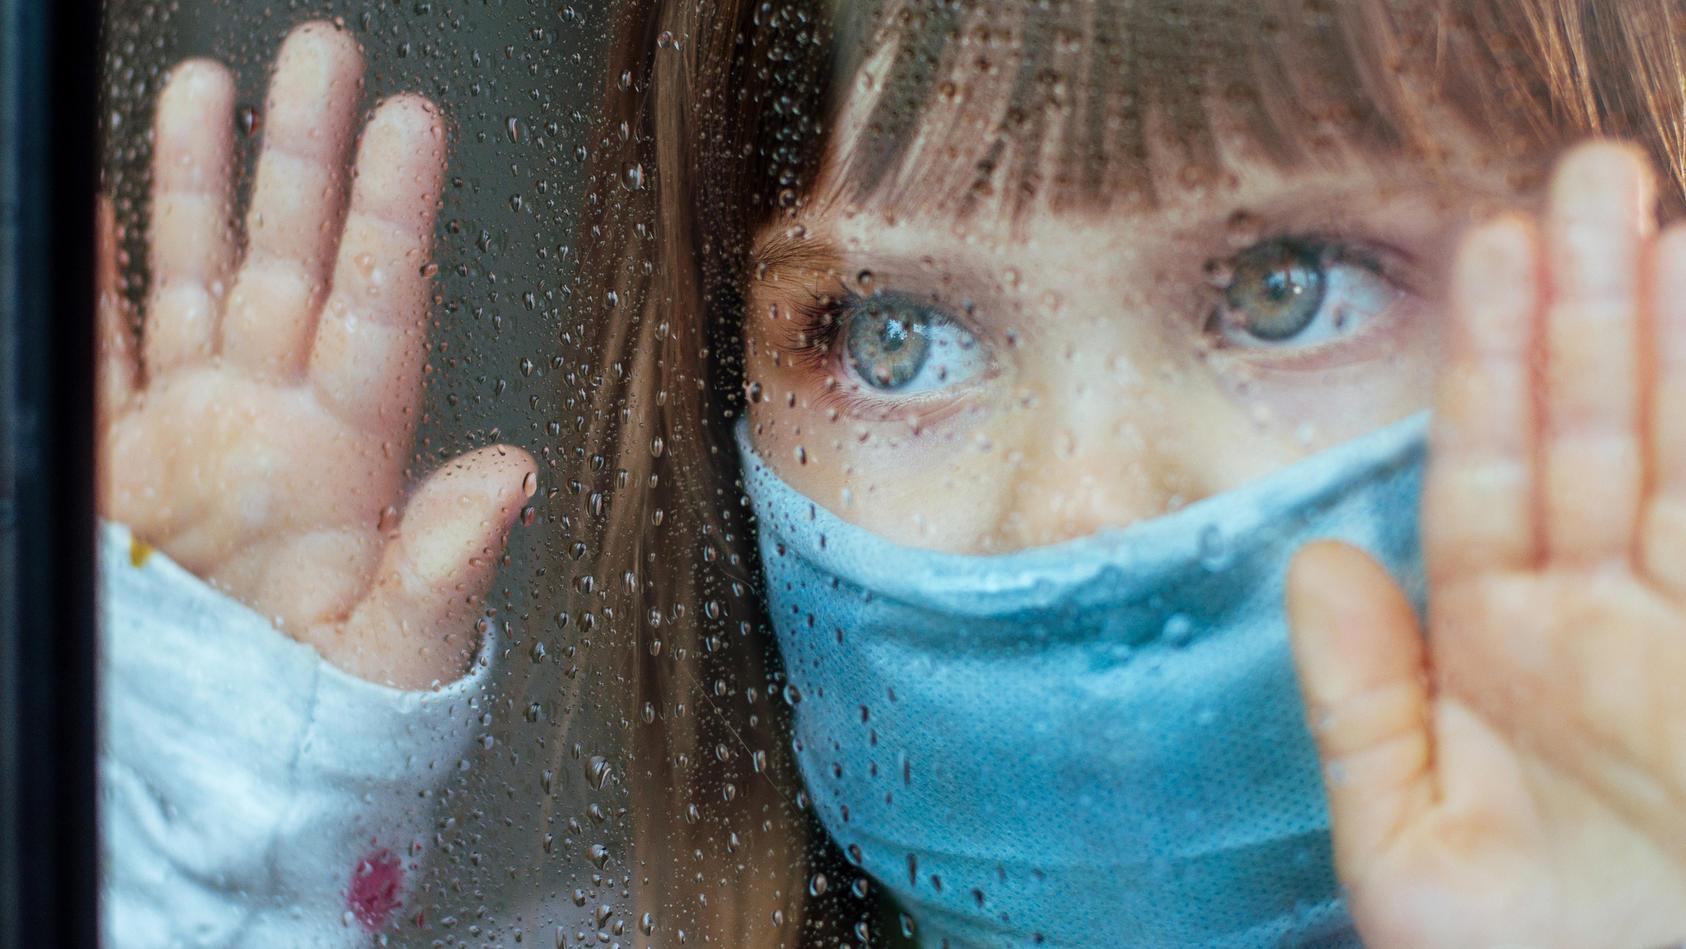 die-standige-impfkommission-stiko-empfiehlt-bislang-nur-kindern-im-alter-von-12-17-jahren-die-corona-impfung-die-inzidenz-bei-jungeren-ist-dementsprechend-hoch